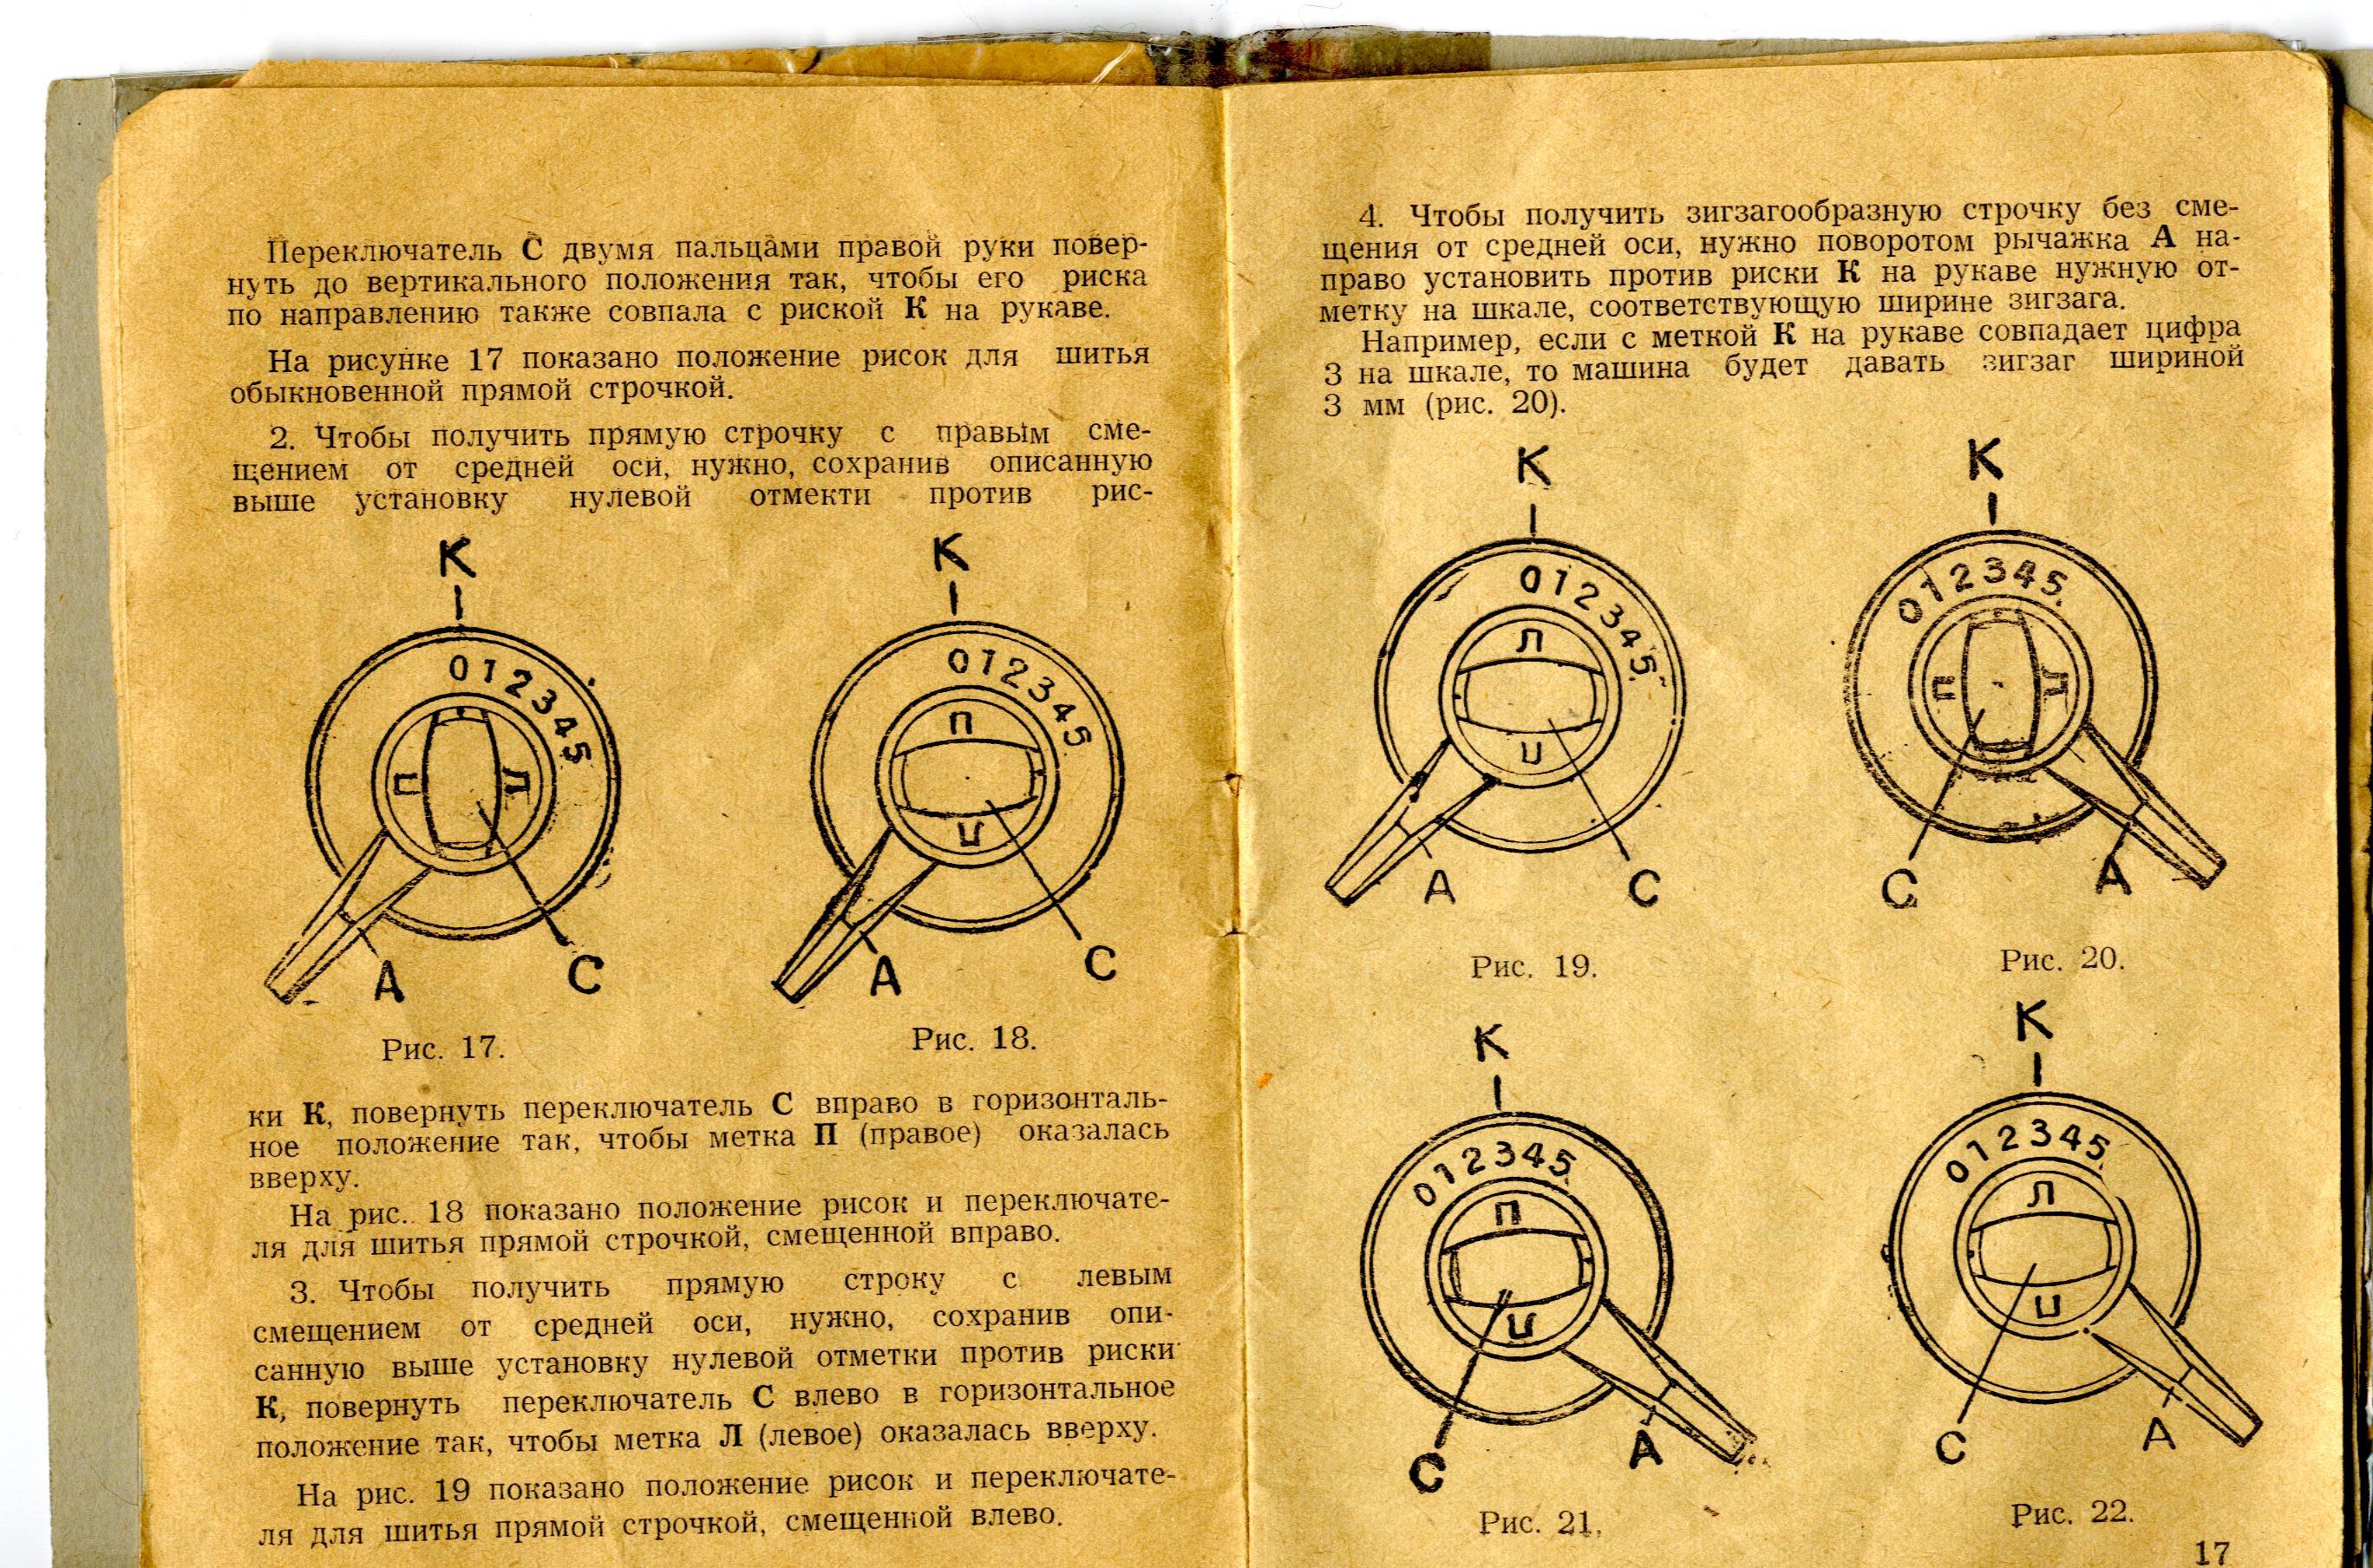 Швейные машины чайка инструкции